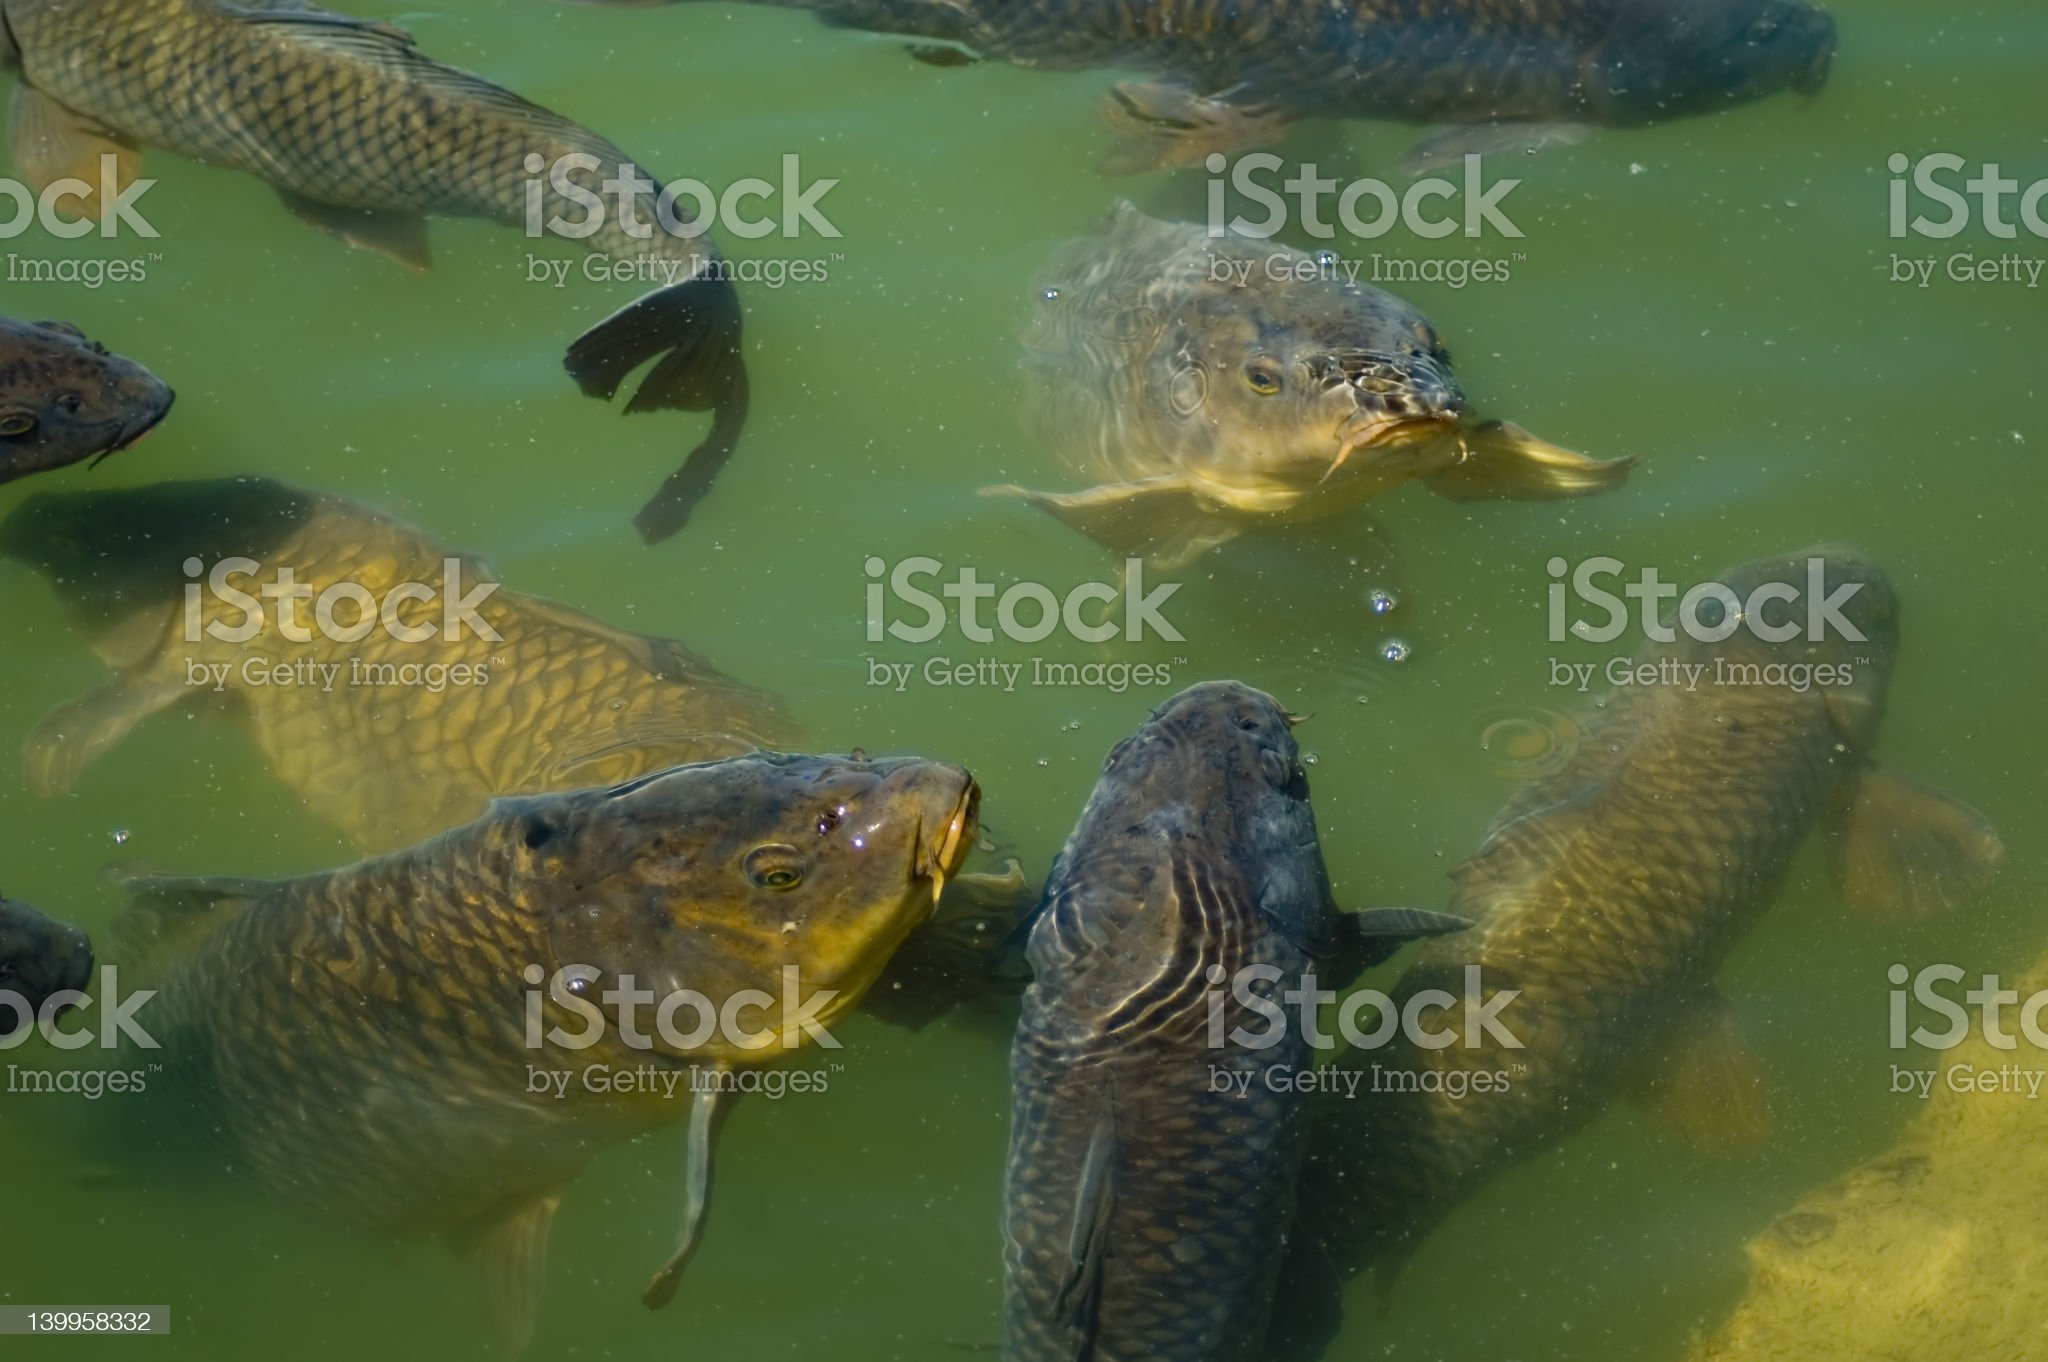 Carp Feeding royalty-free stock photo